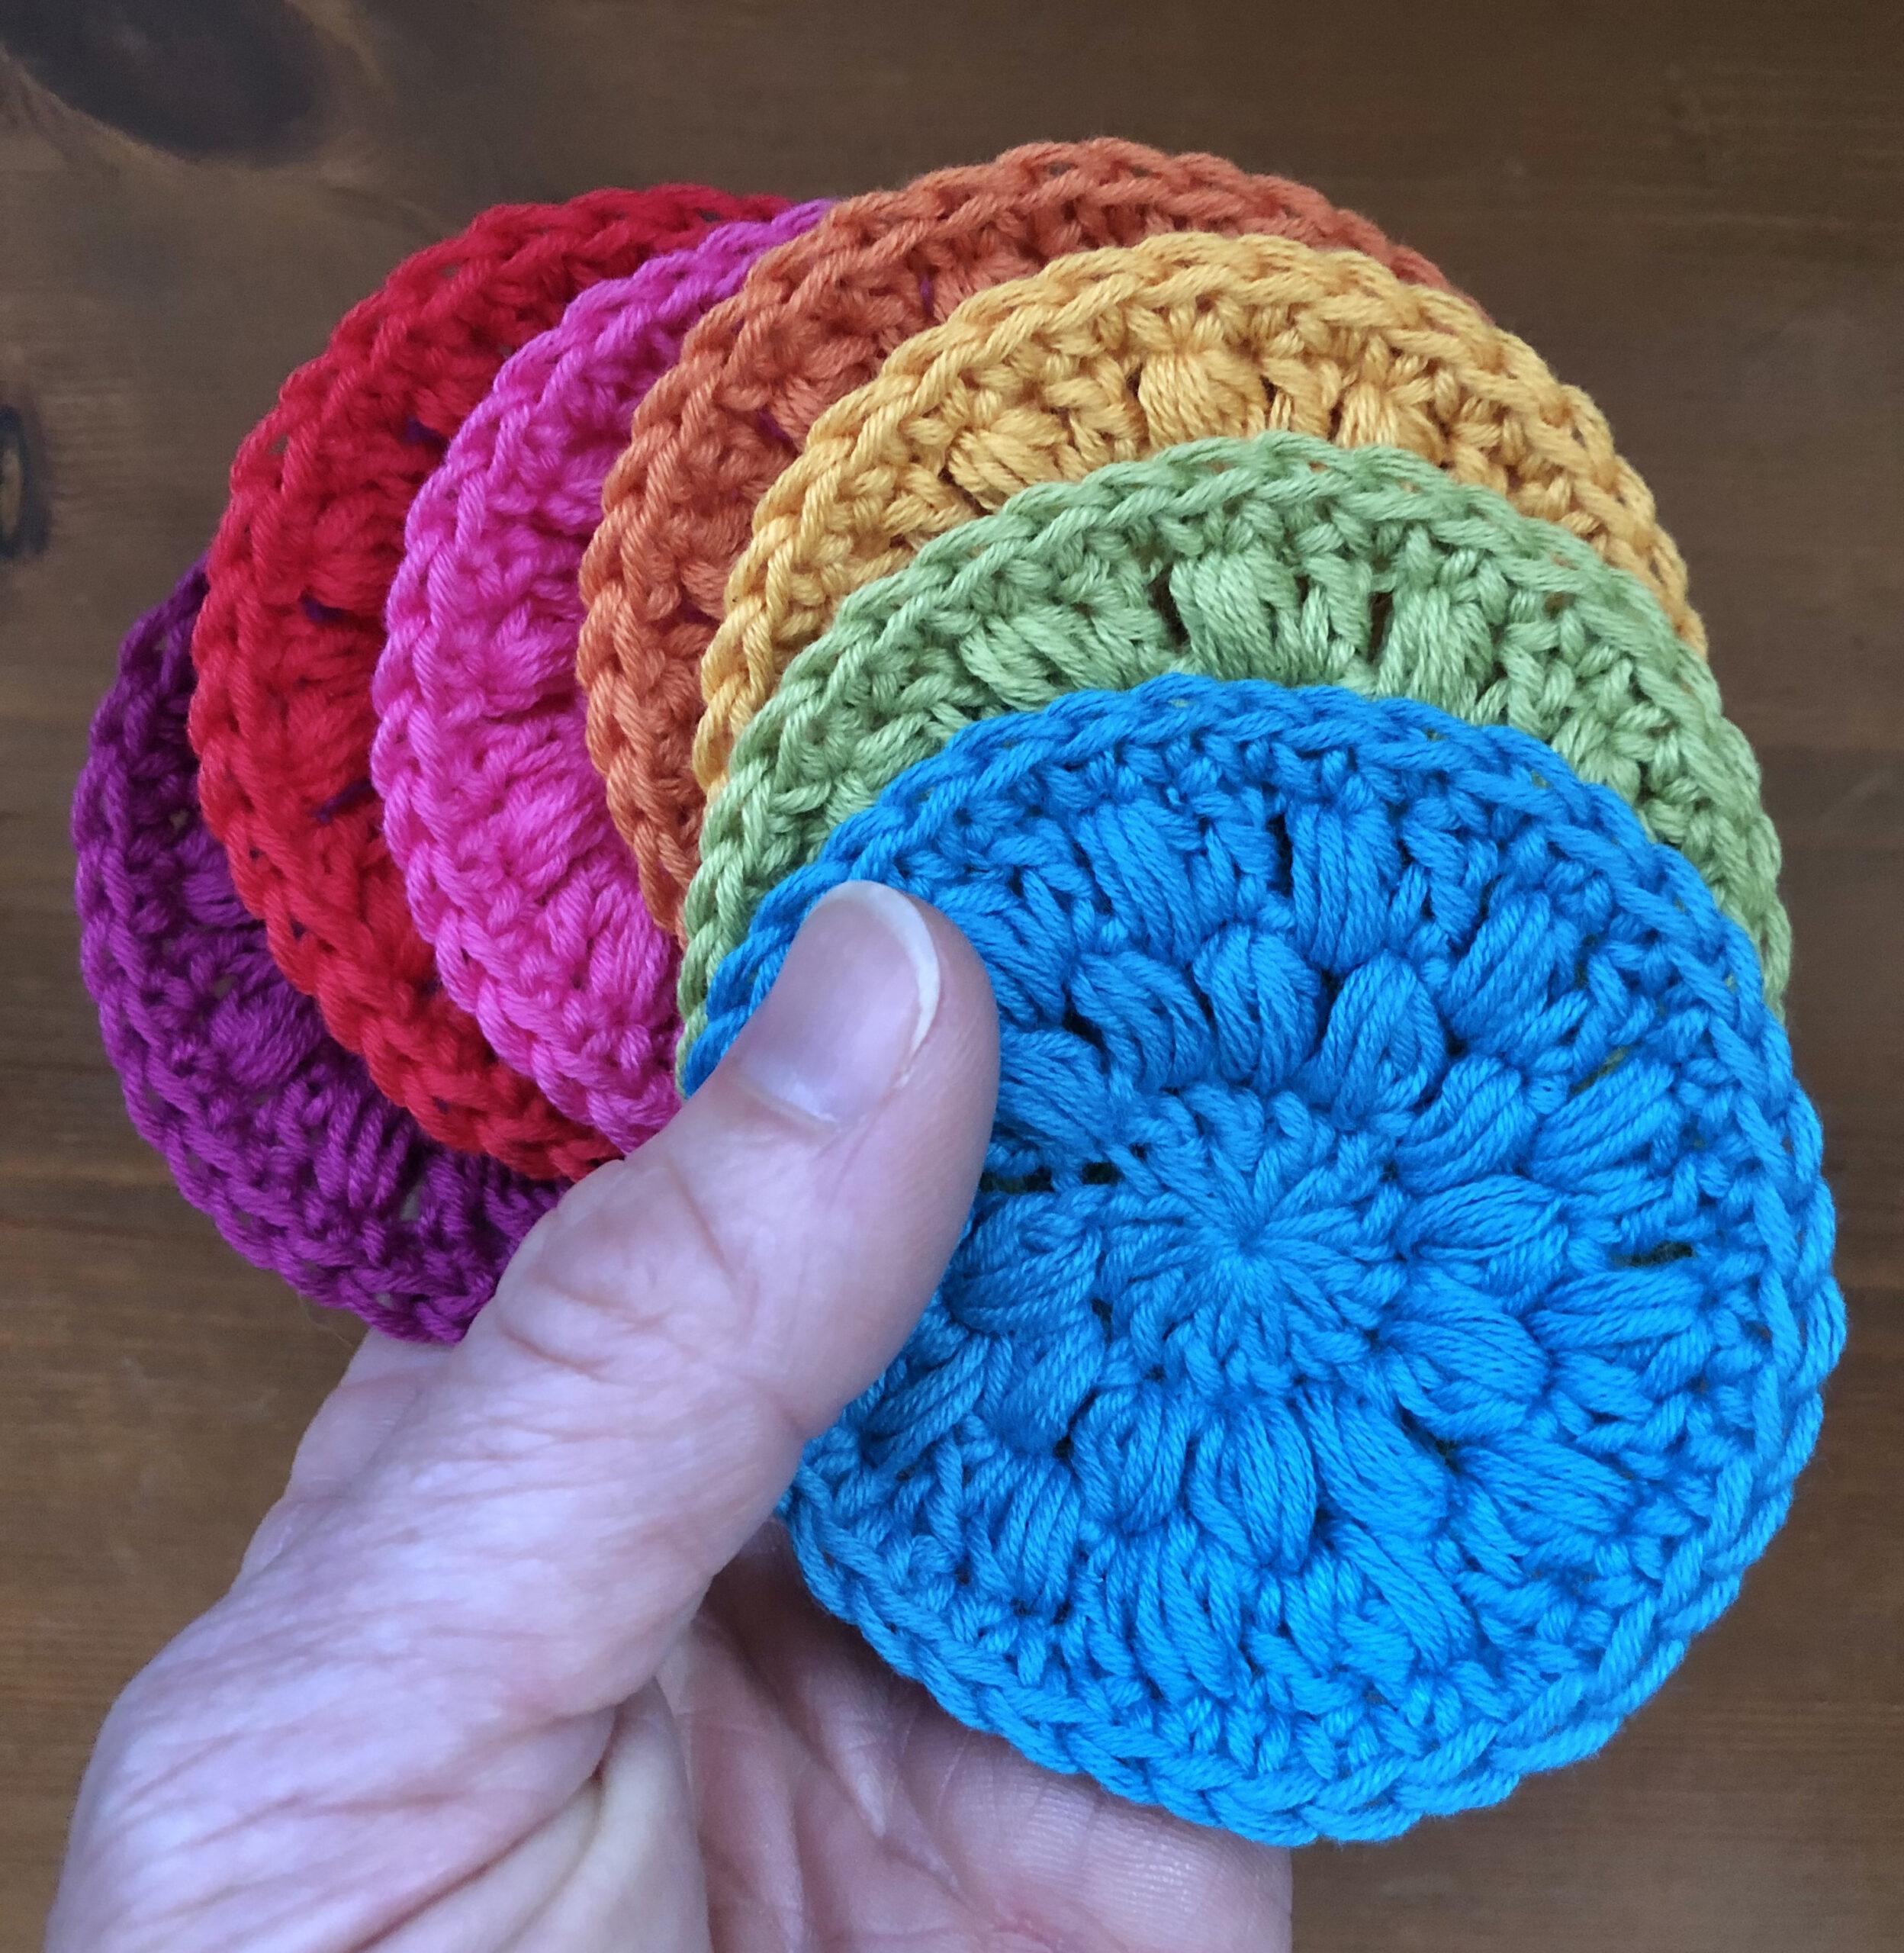 Rainbow rounds.